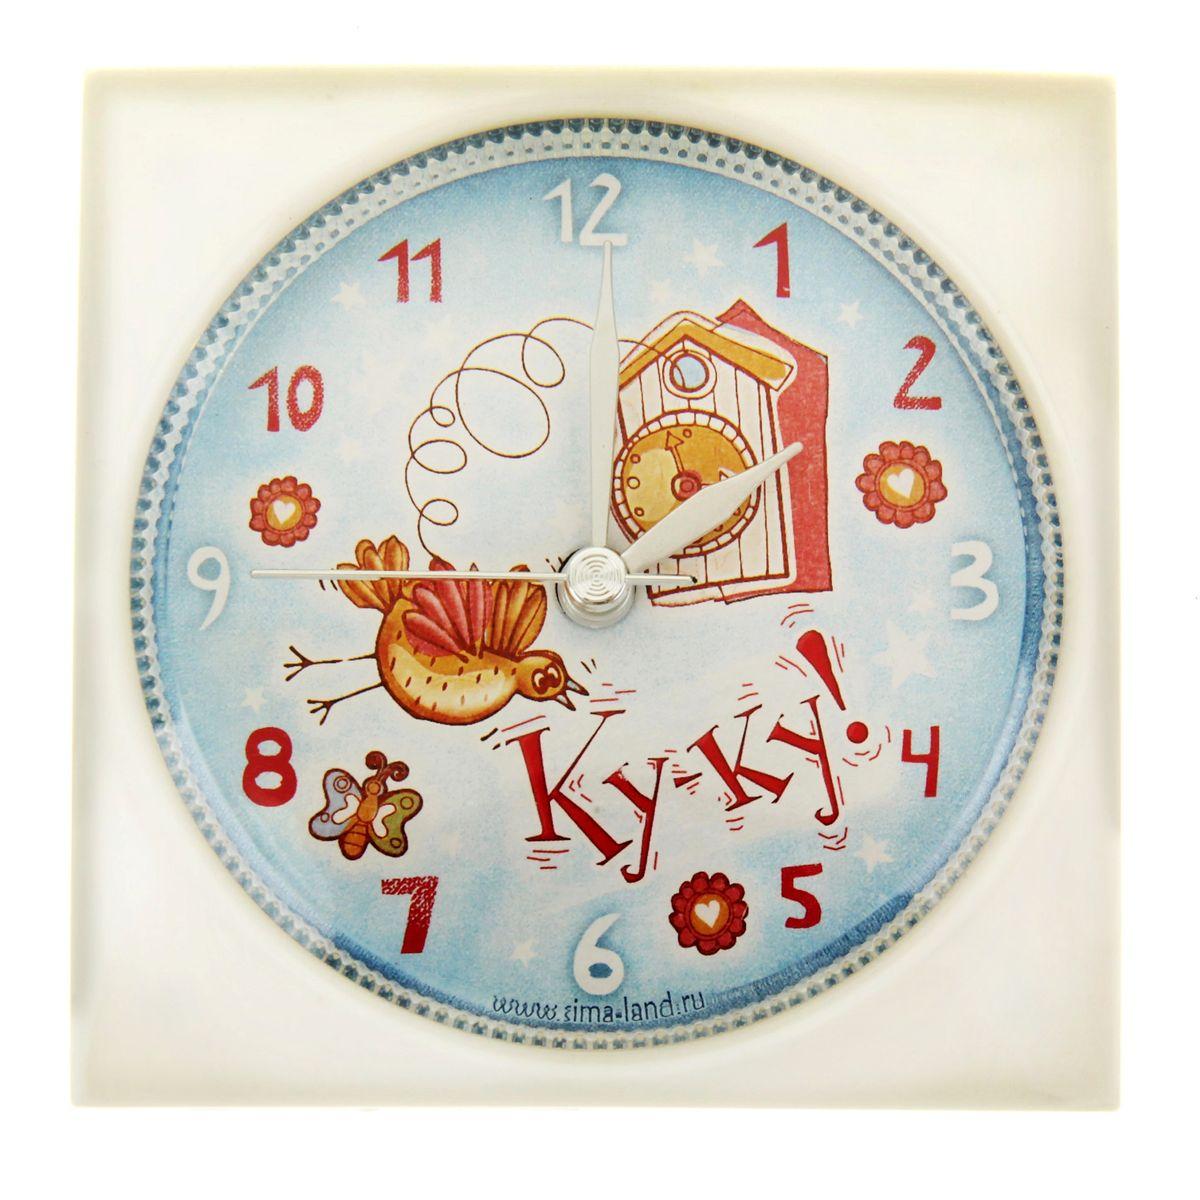 Часы-будильник Sima-land КукушкаFA-2409-1-RF GreyКак же сложно иногда вставать вовремя! Всегда так хочется поспать еще хотя бы 5 минут и бывает, что мы просыпаем. Теперь этого не случится! Яркий, оригинальный будильник Sima-land Кукушка поможет вам всегда вставать в нужное время и успевать везде и всюду. Будильник украсит вашу комнату и приведет в восхищение друзей. Время показывает точно и будит в установленный час.На задней панели будильника расположены переключатель включения/выключения механизма, а также два колесика для настройки текущего времени и времени звонка будильника. Будильник работает от 1 батарейки типа AA напряжением 1,5V (не входит в комплект).